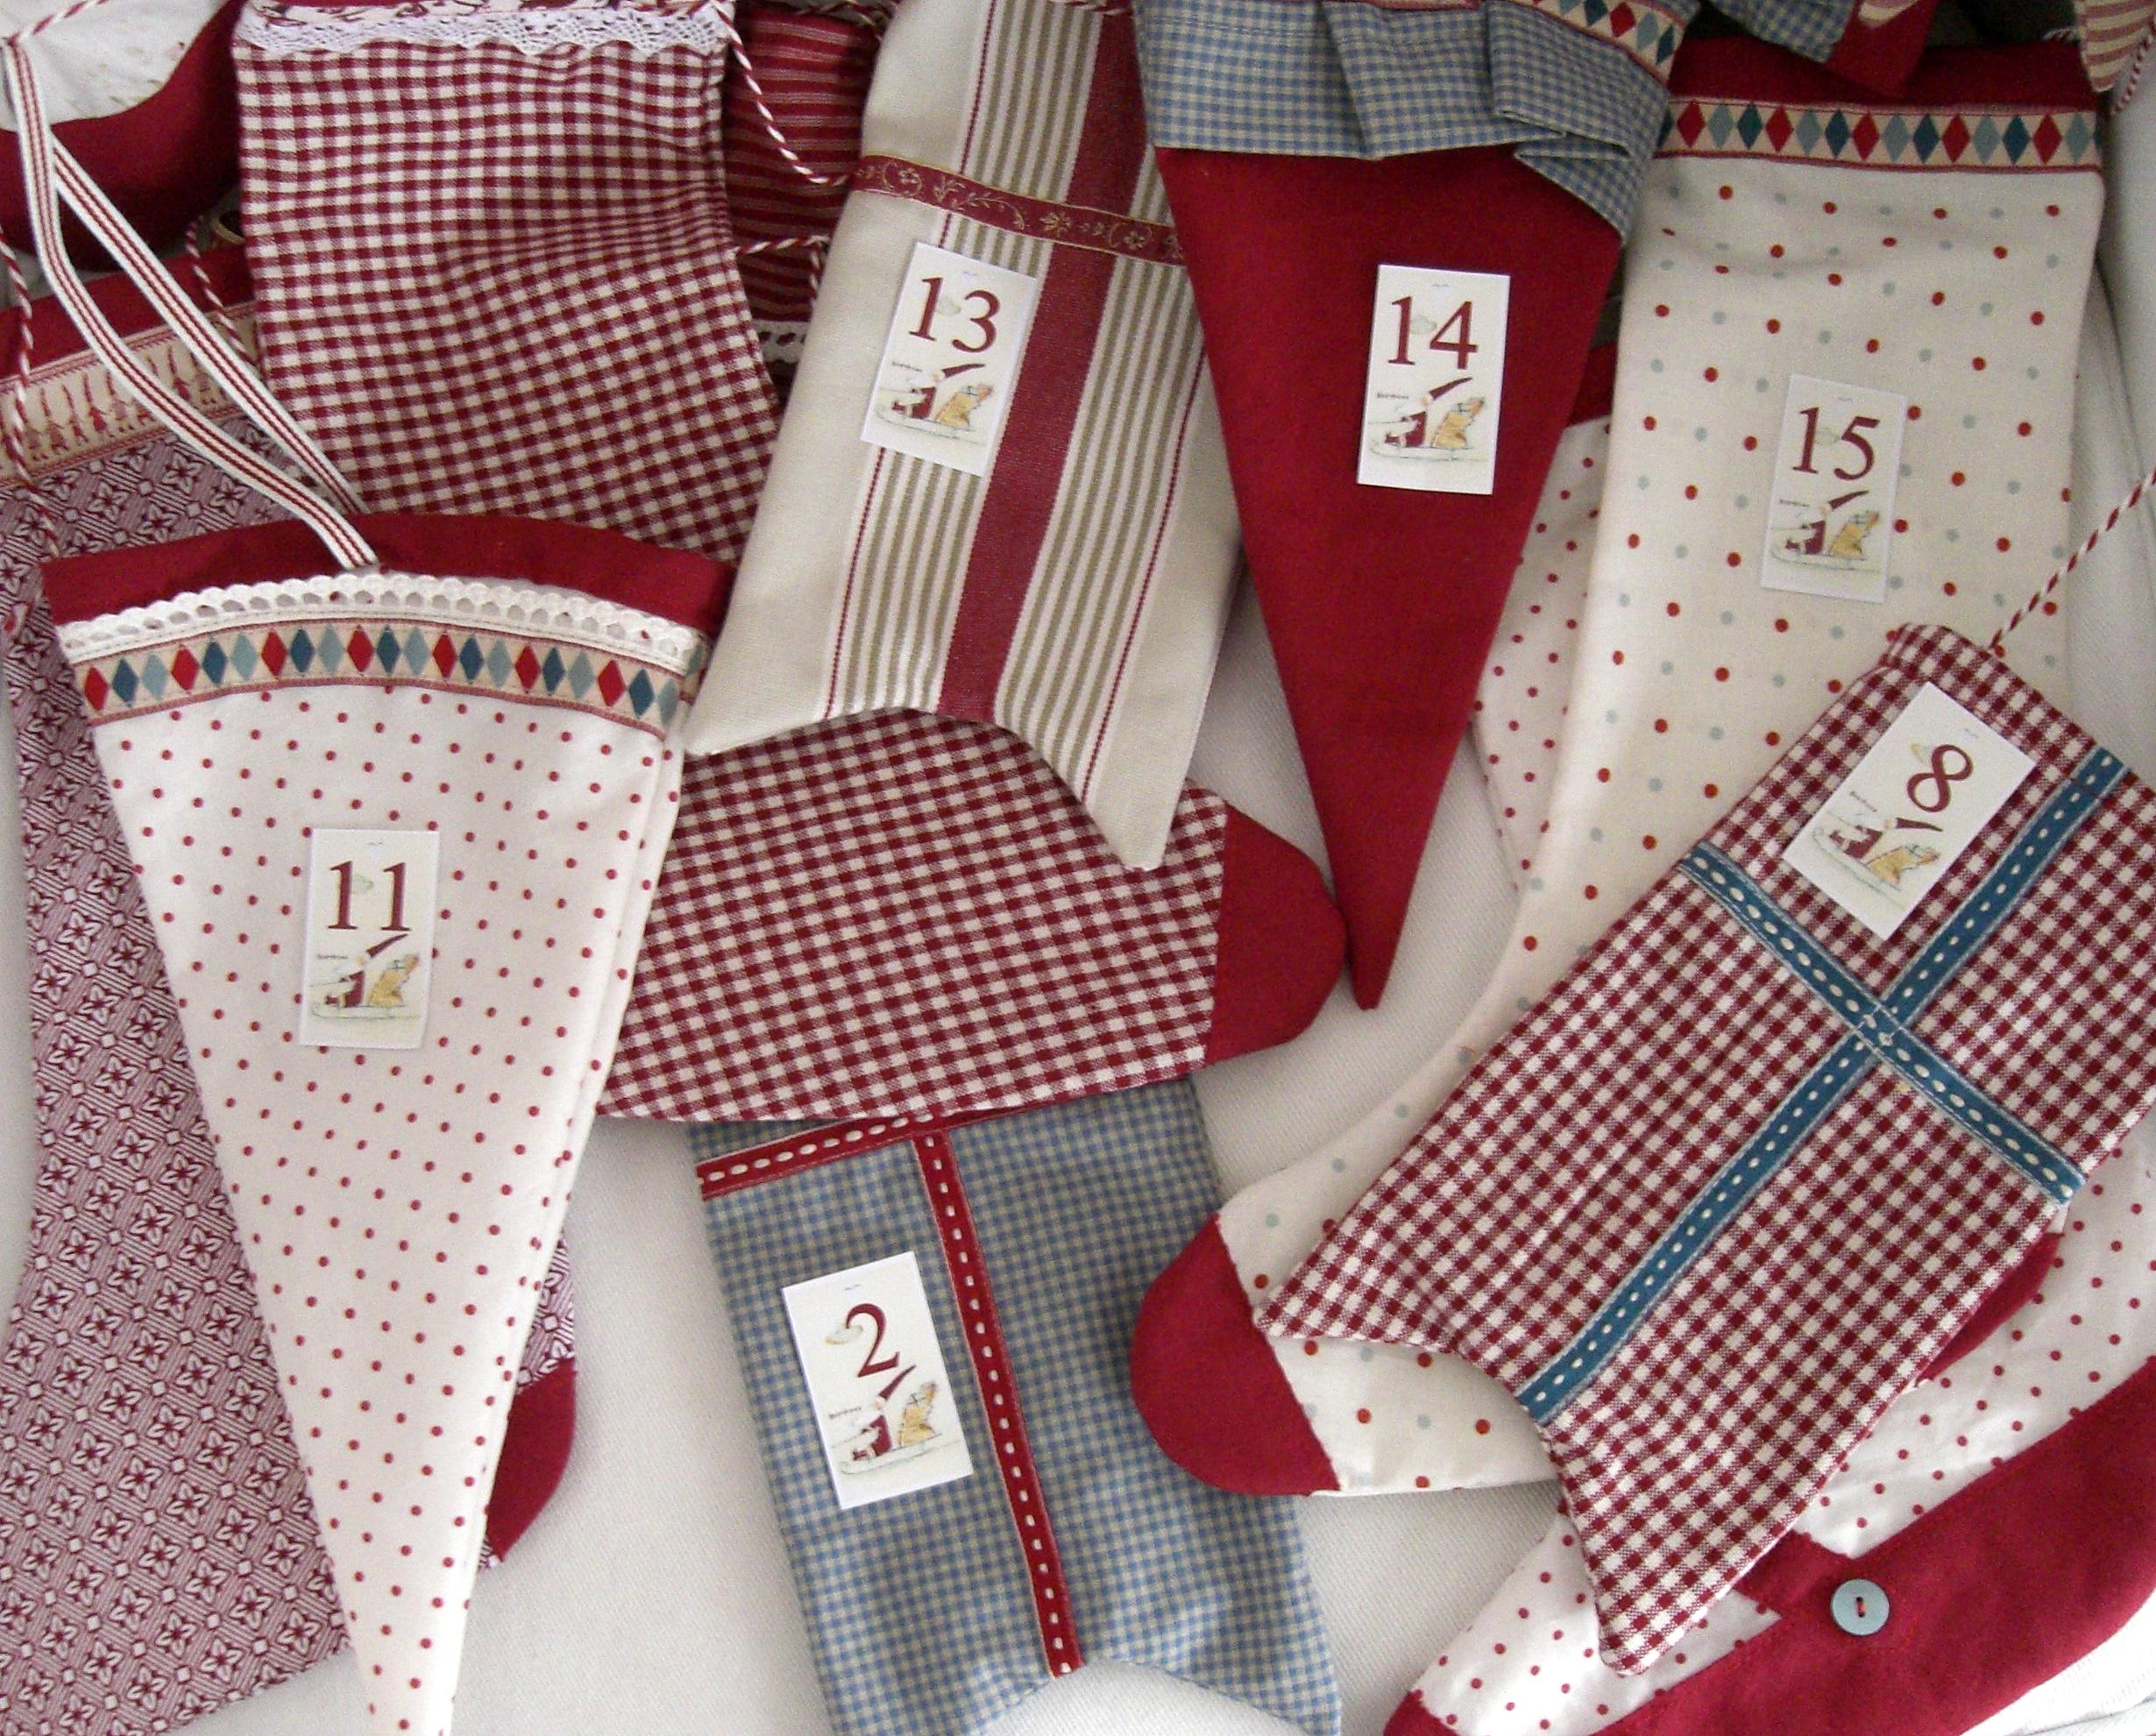 Hintergrundbilder : Weiß, rot, Socken, blau, Flagge, Muster, Punkte ...